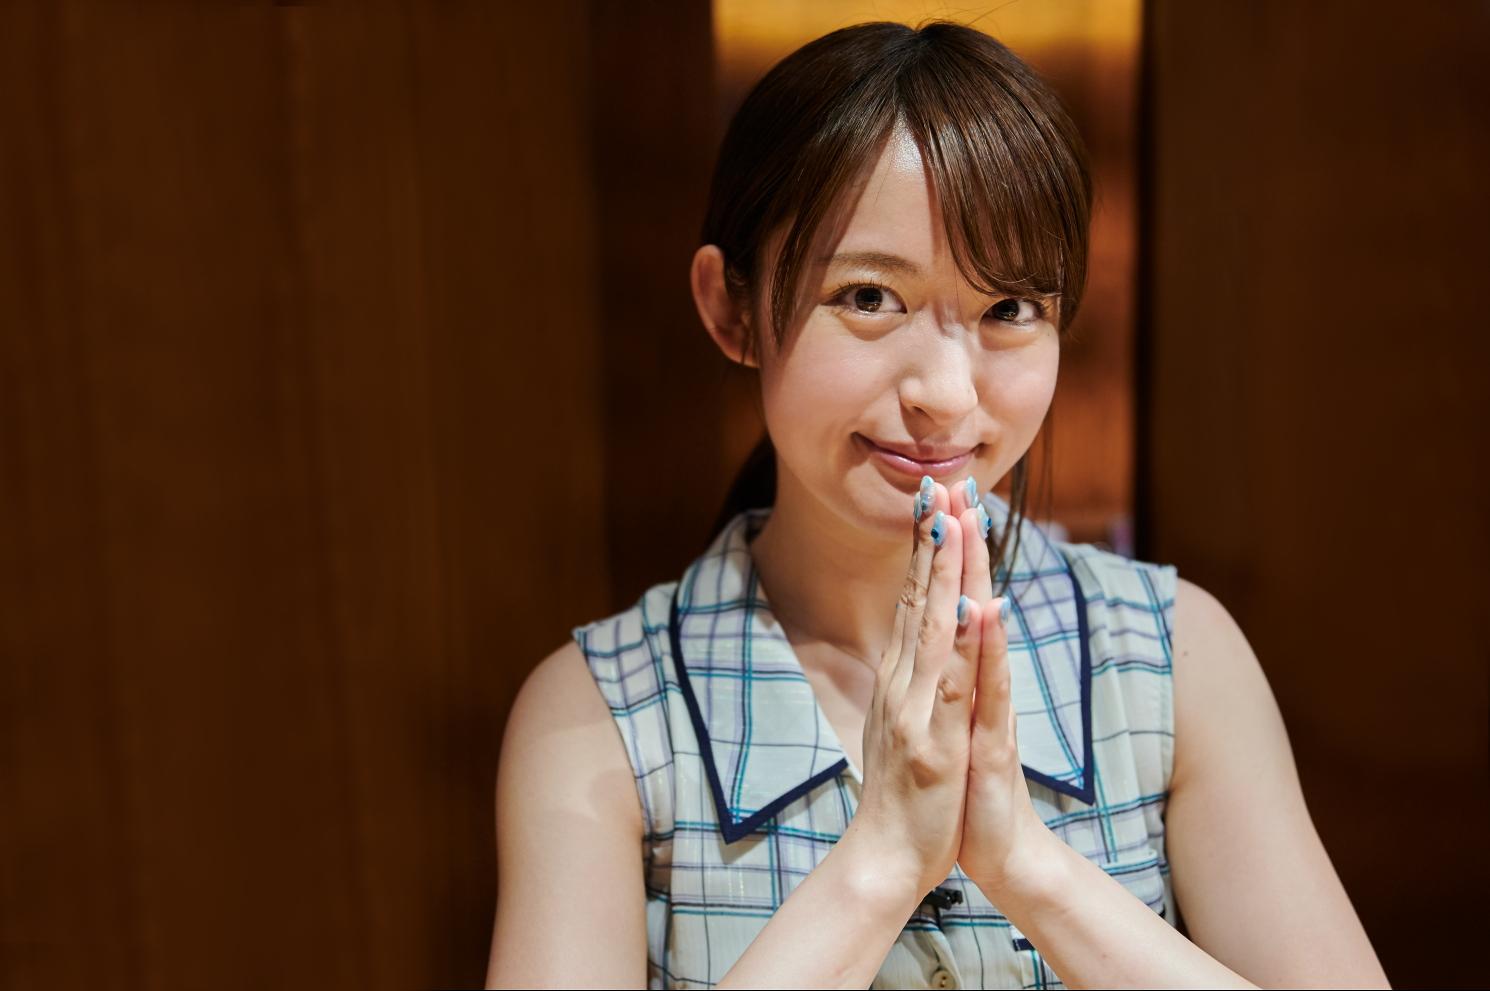 """「これが私のラーメン道」声優・小松未可子が語る、ラーメンの""""原体験""""から""""流儀""""まで"""